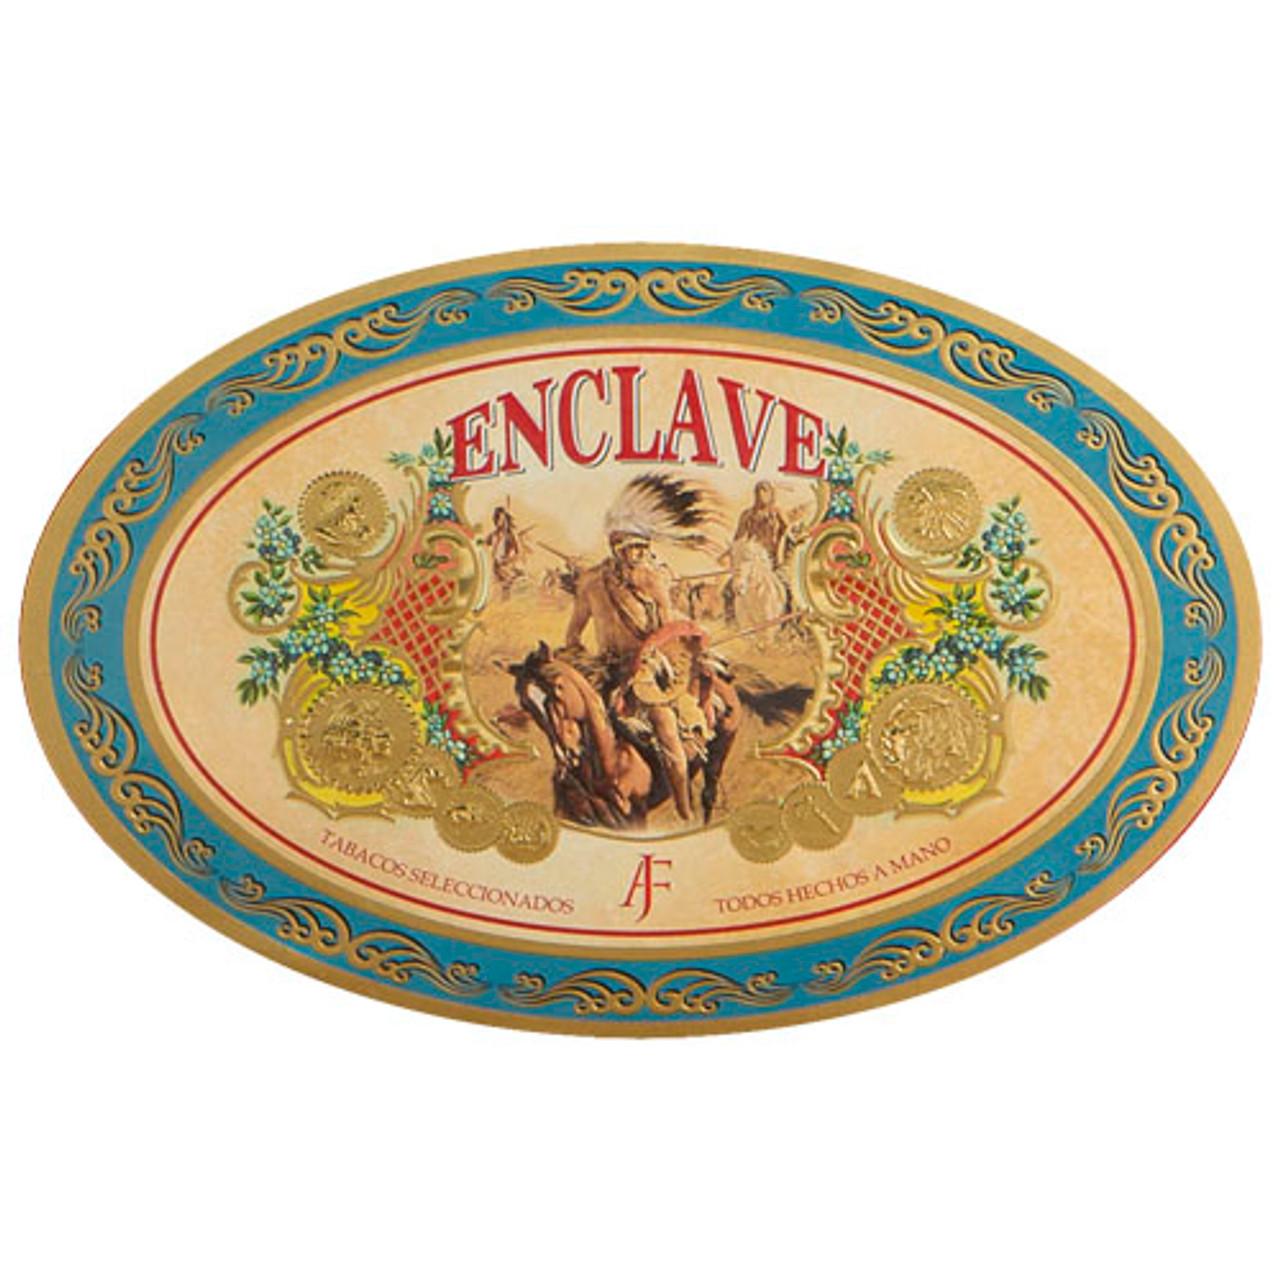 AJ Fernandez Enclave Broadleaf Churchill Cigars - 7 x 52 (Box of 20)